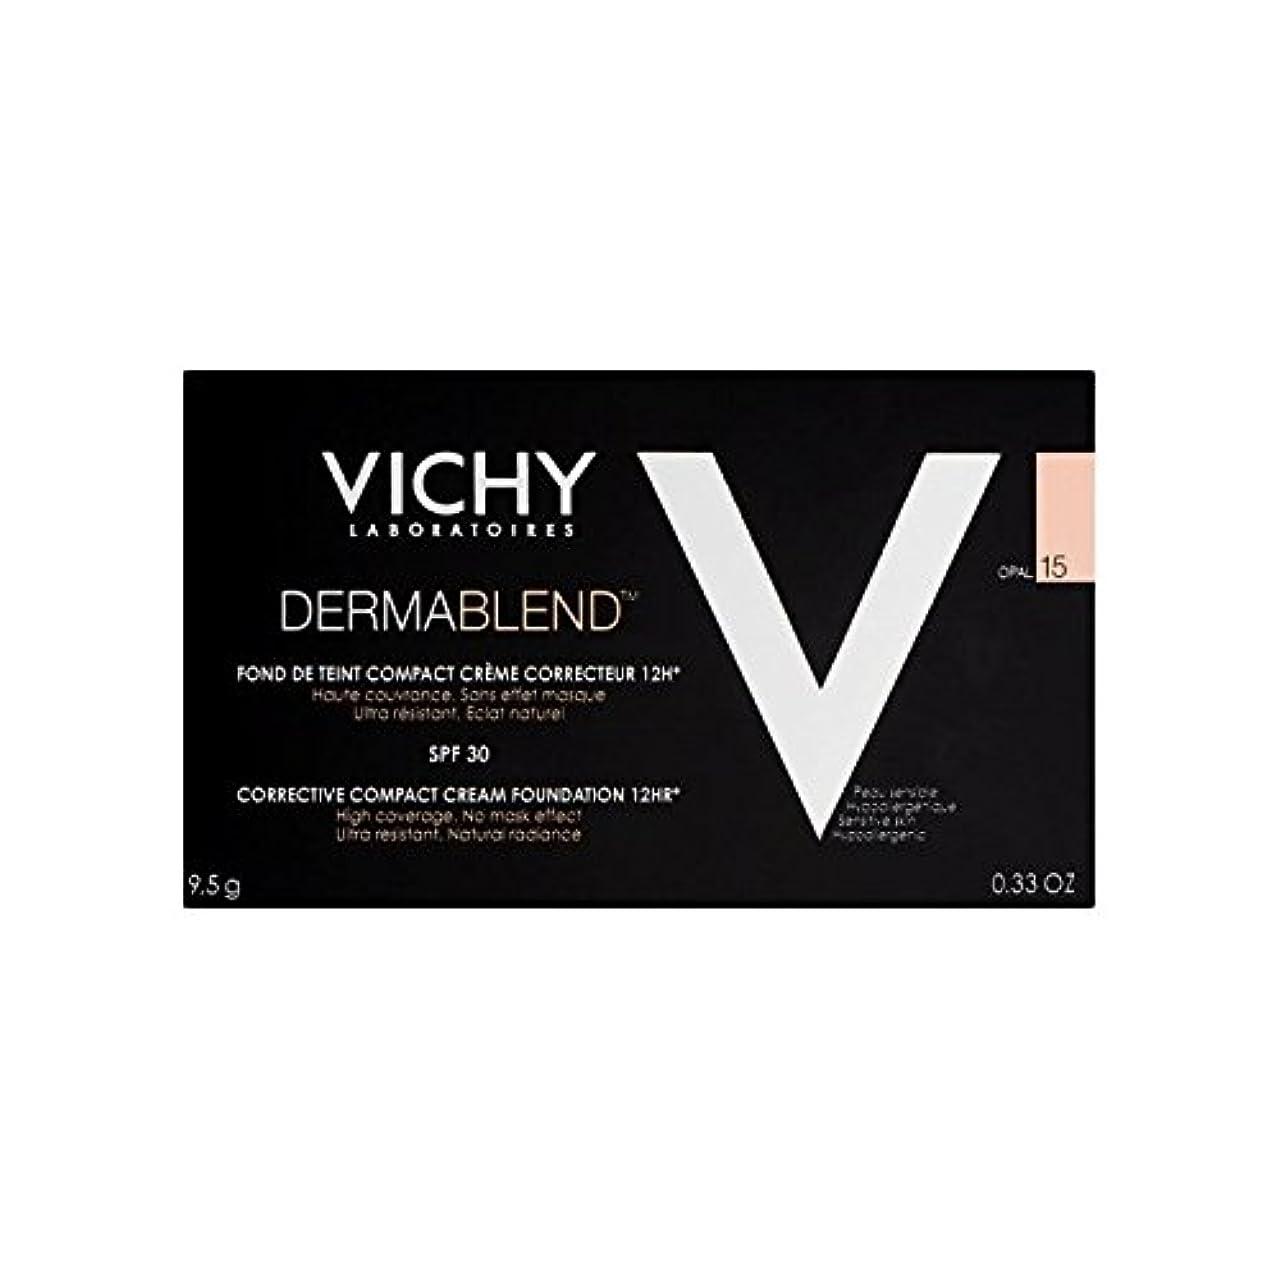 フィヨルドハドル雇ったヴィシー是正コンパクトクリームファンデーションオパール15 x4 - Vichy Dermablend Corrective Compact Cream Foundation Opal 15 (Pack of 4) [並行輸入品]